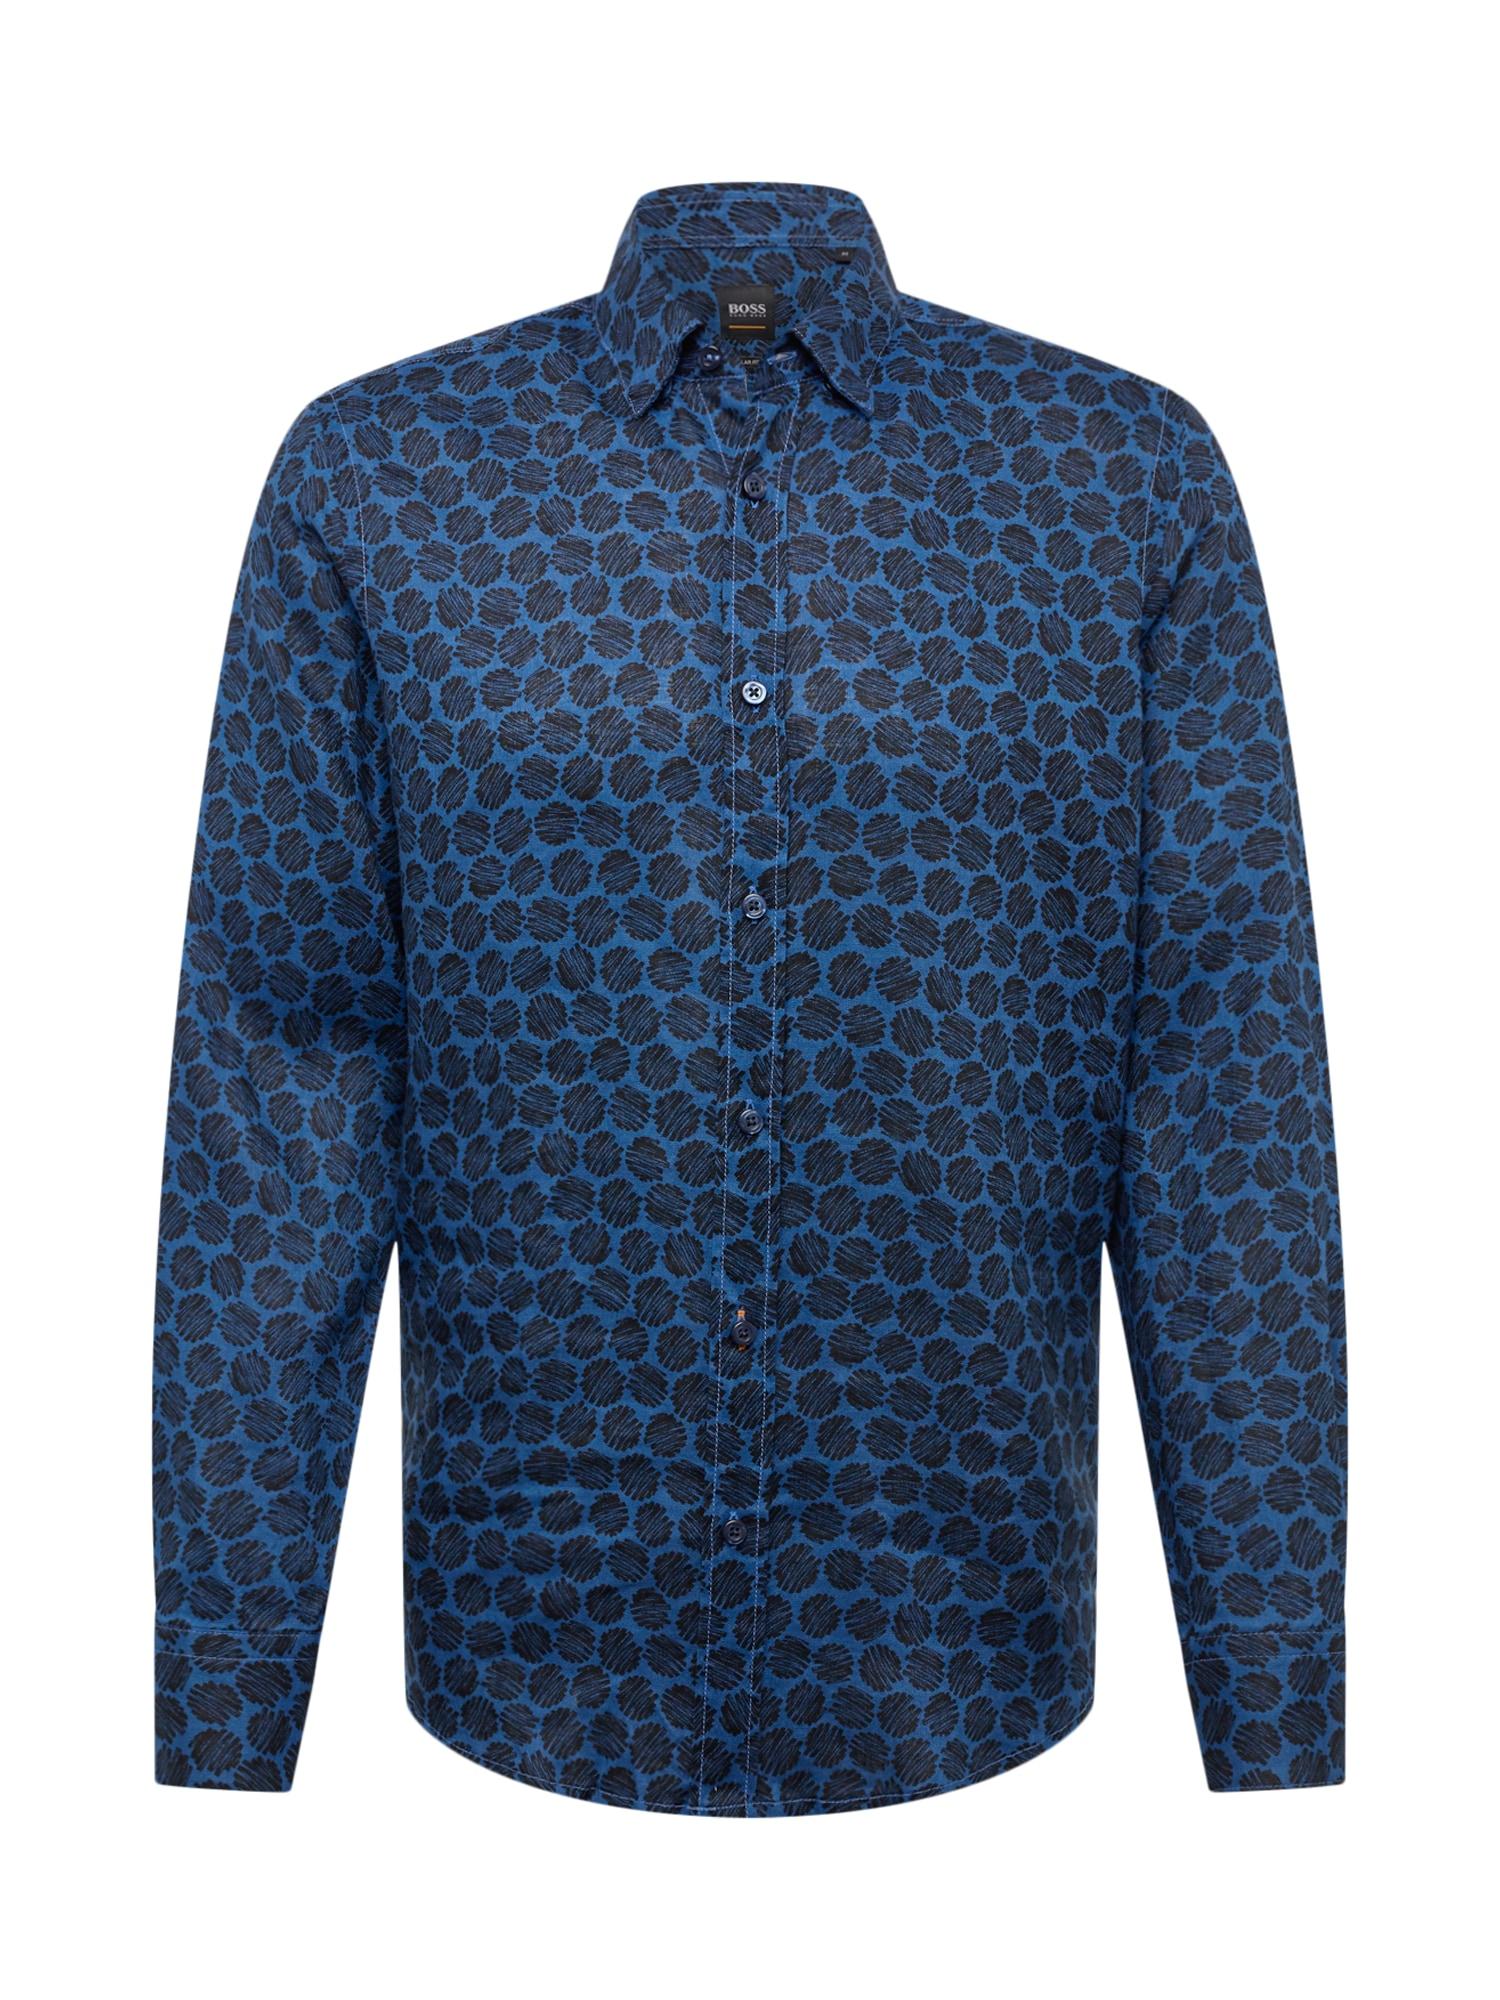 Košile Relegant tmavě modrá černá BOSS